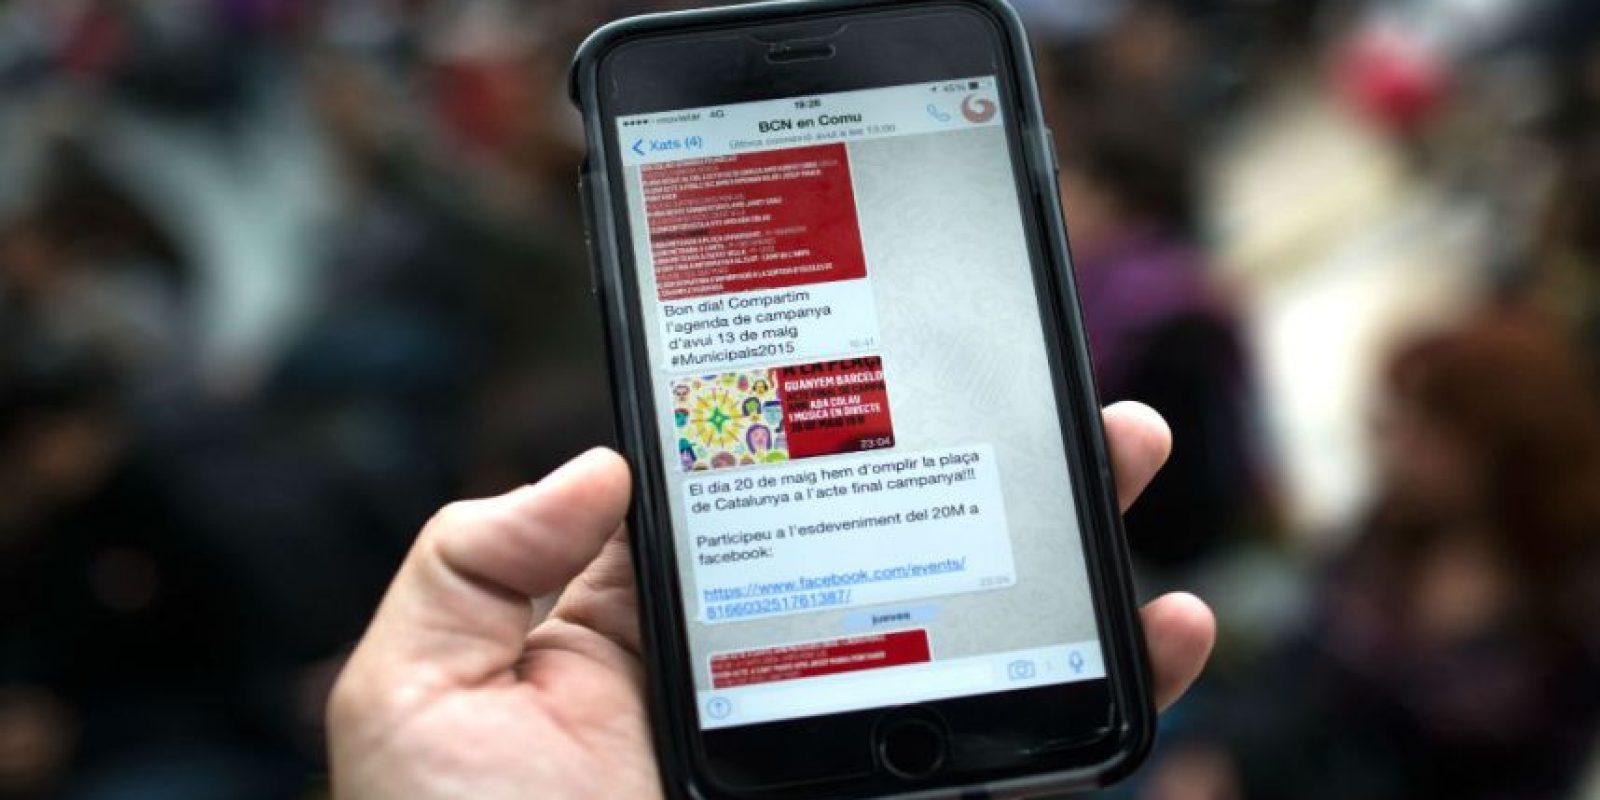 La nueva actualización traerá consigo fondos nuevos. Foto:Getty Images